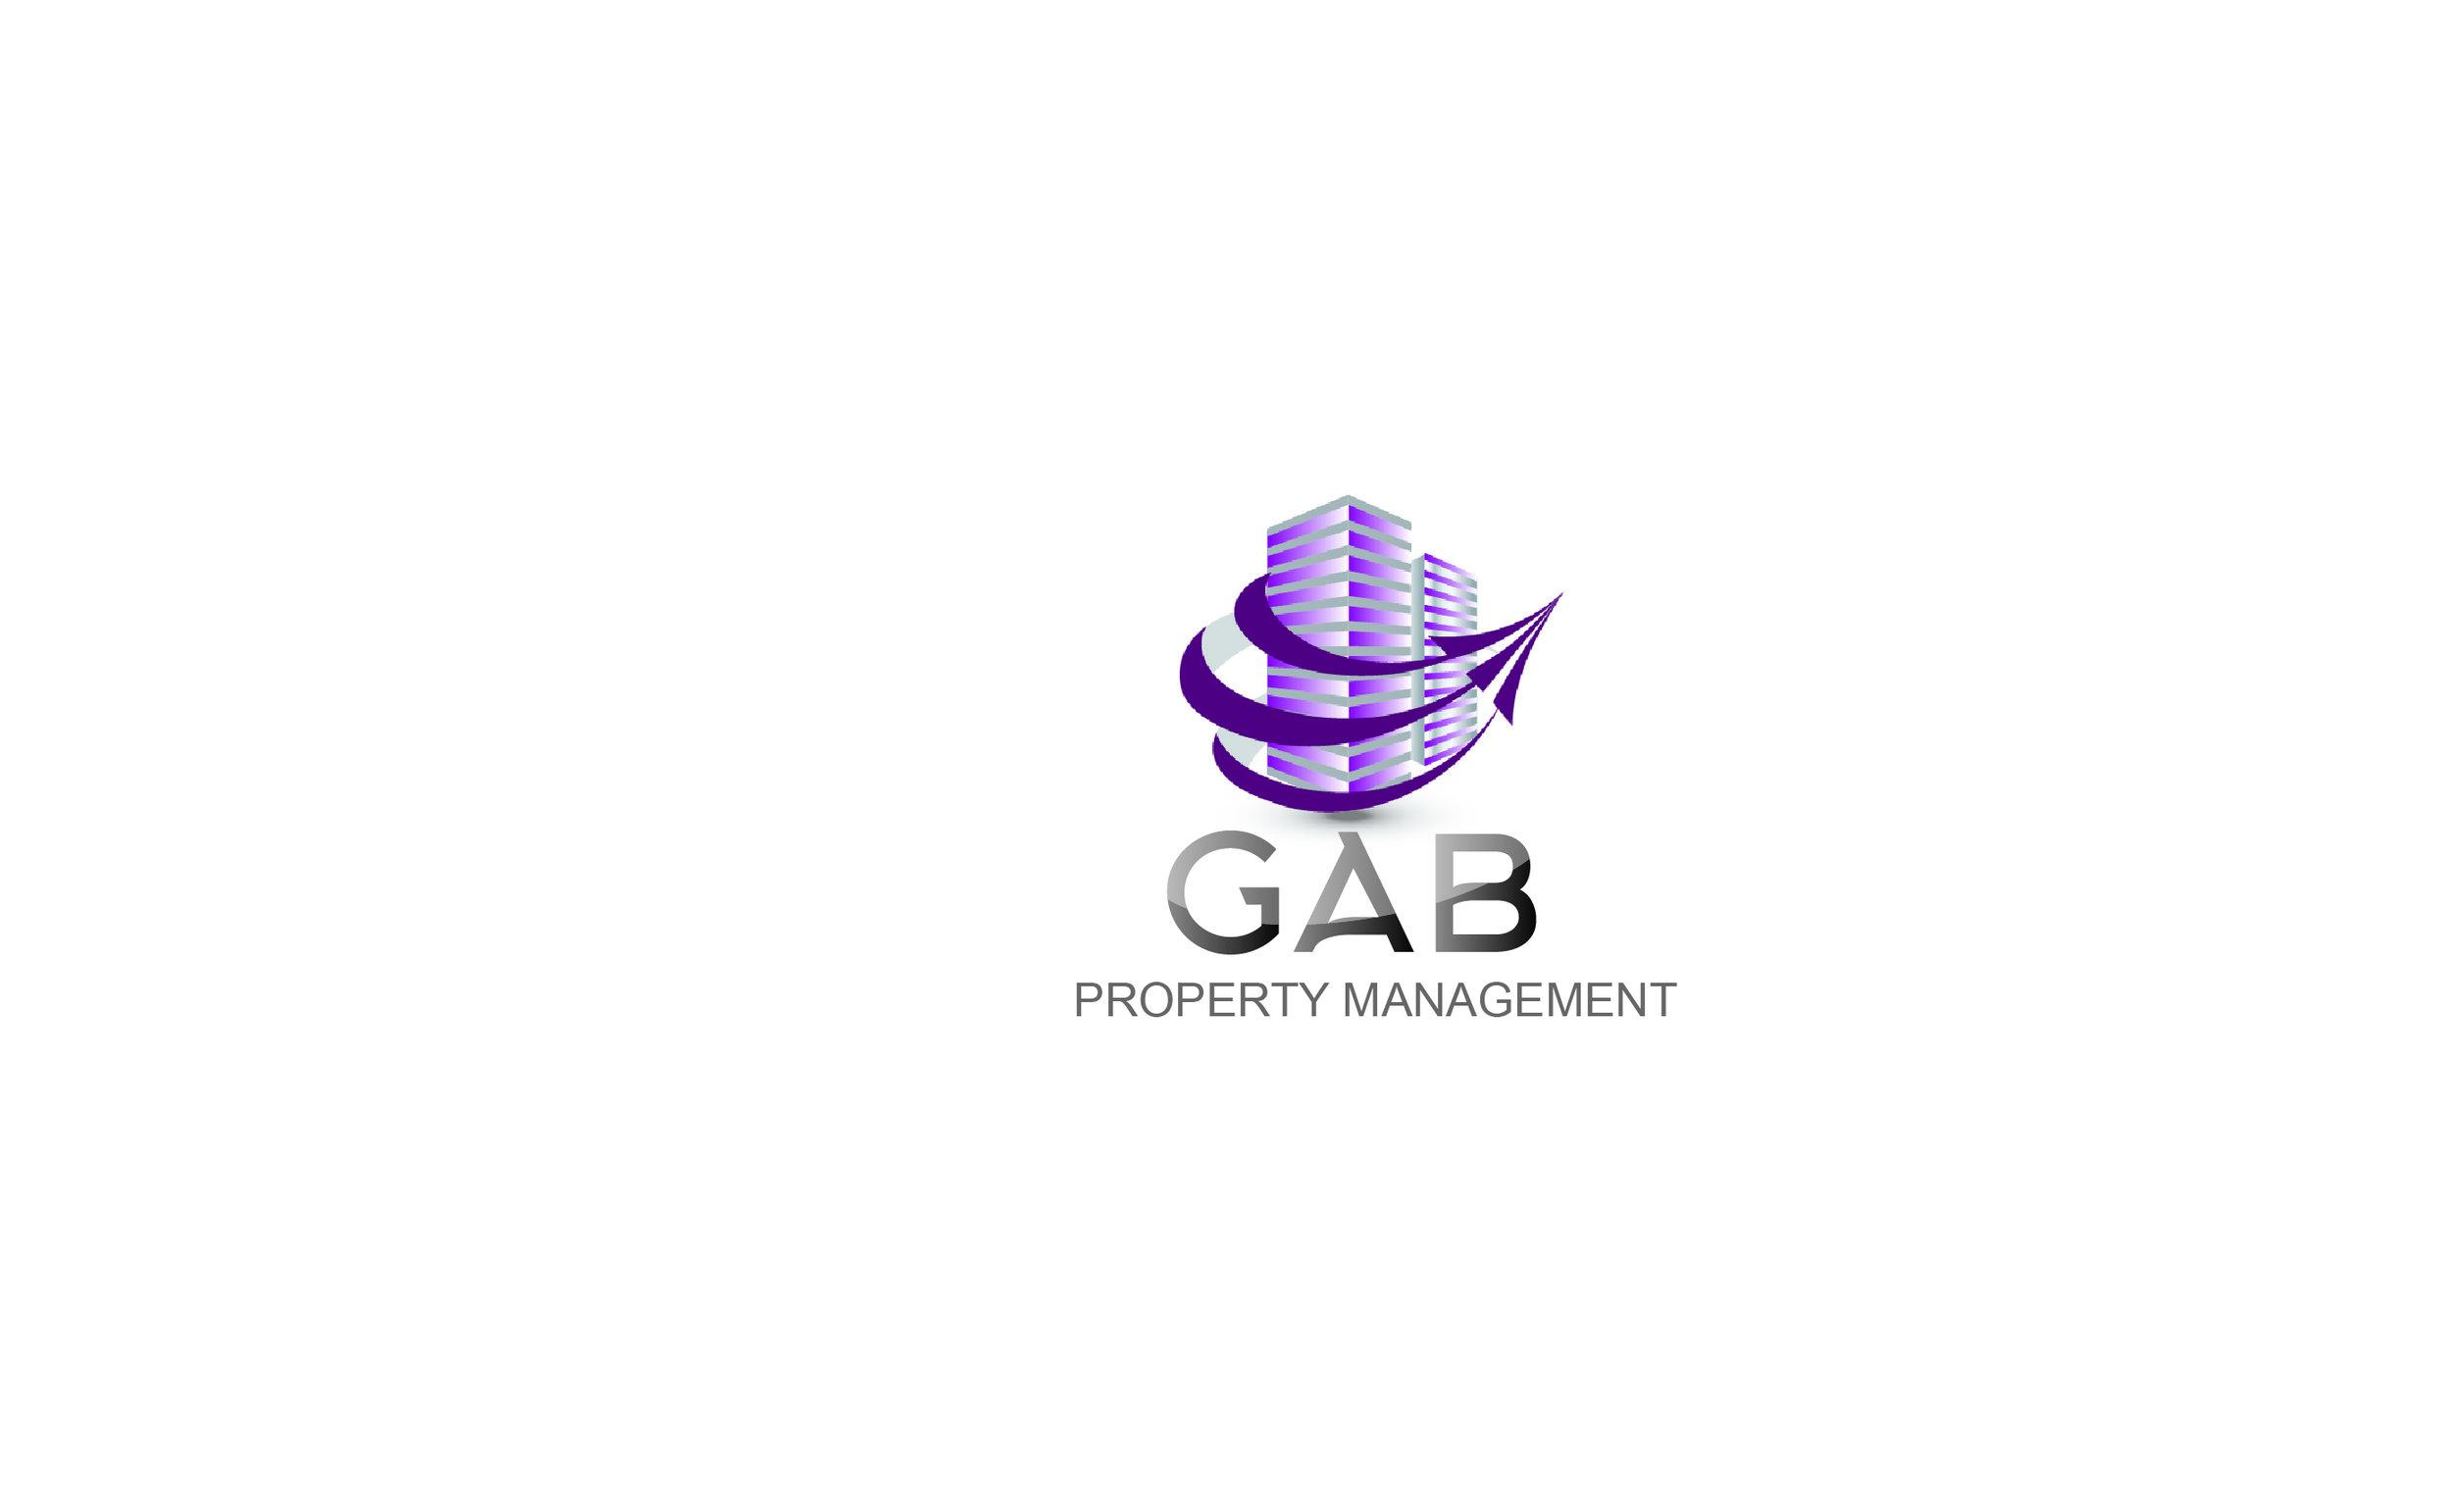 gab logo.jpg